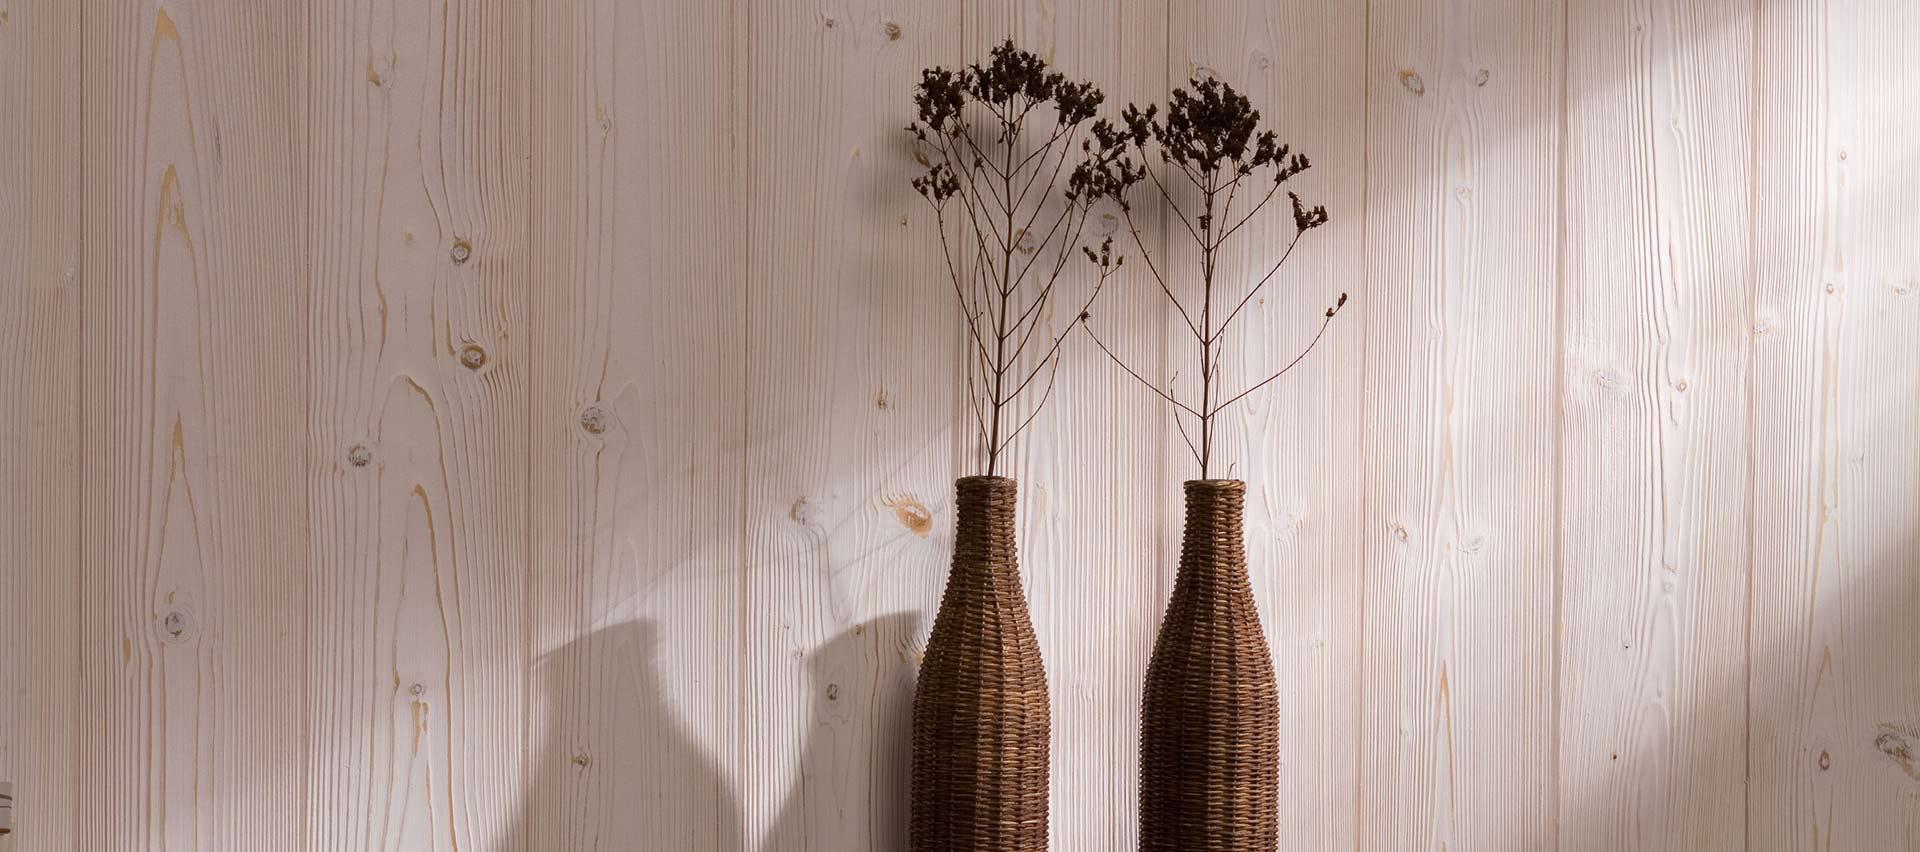 Hobelware Profilbretter Wand von Holz-Hauff in Leingarten